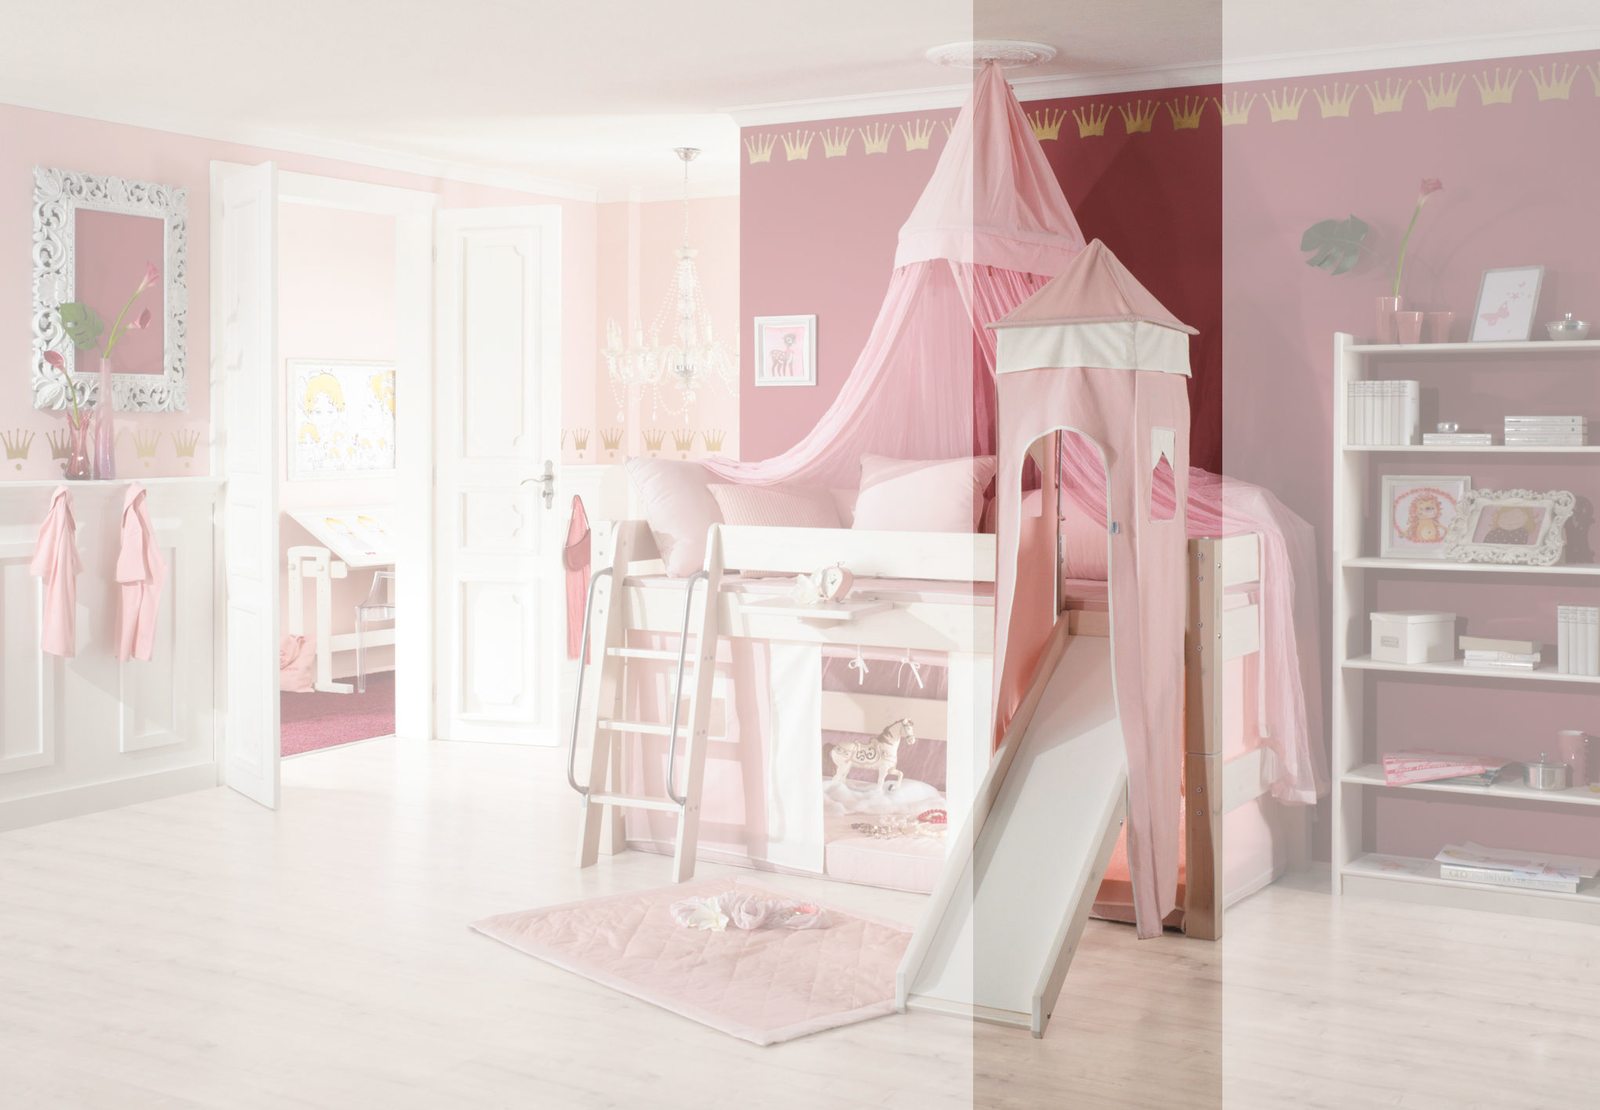 Dolphin Moby halbhohes Prinzessinnenbett mit Himmel, weiß-rosa, Bild 5